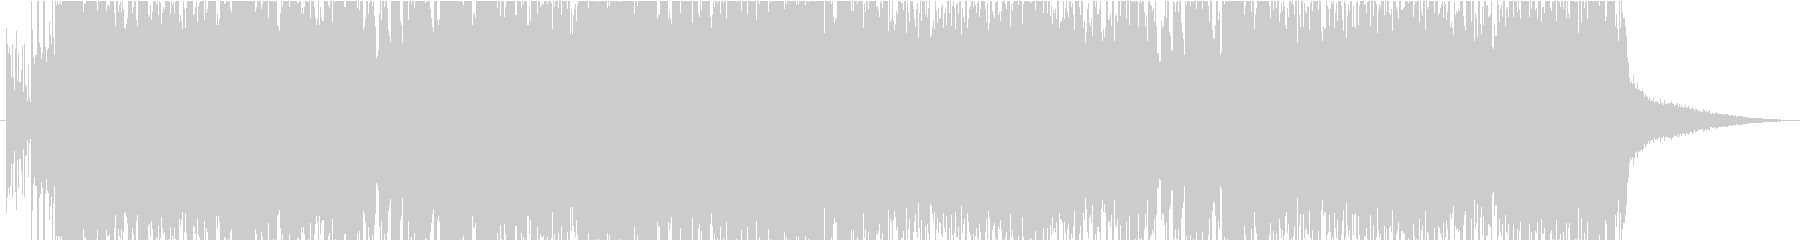 音ゲーライクなピアノHARDCORE②の未再生の波形